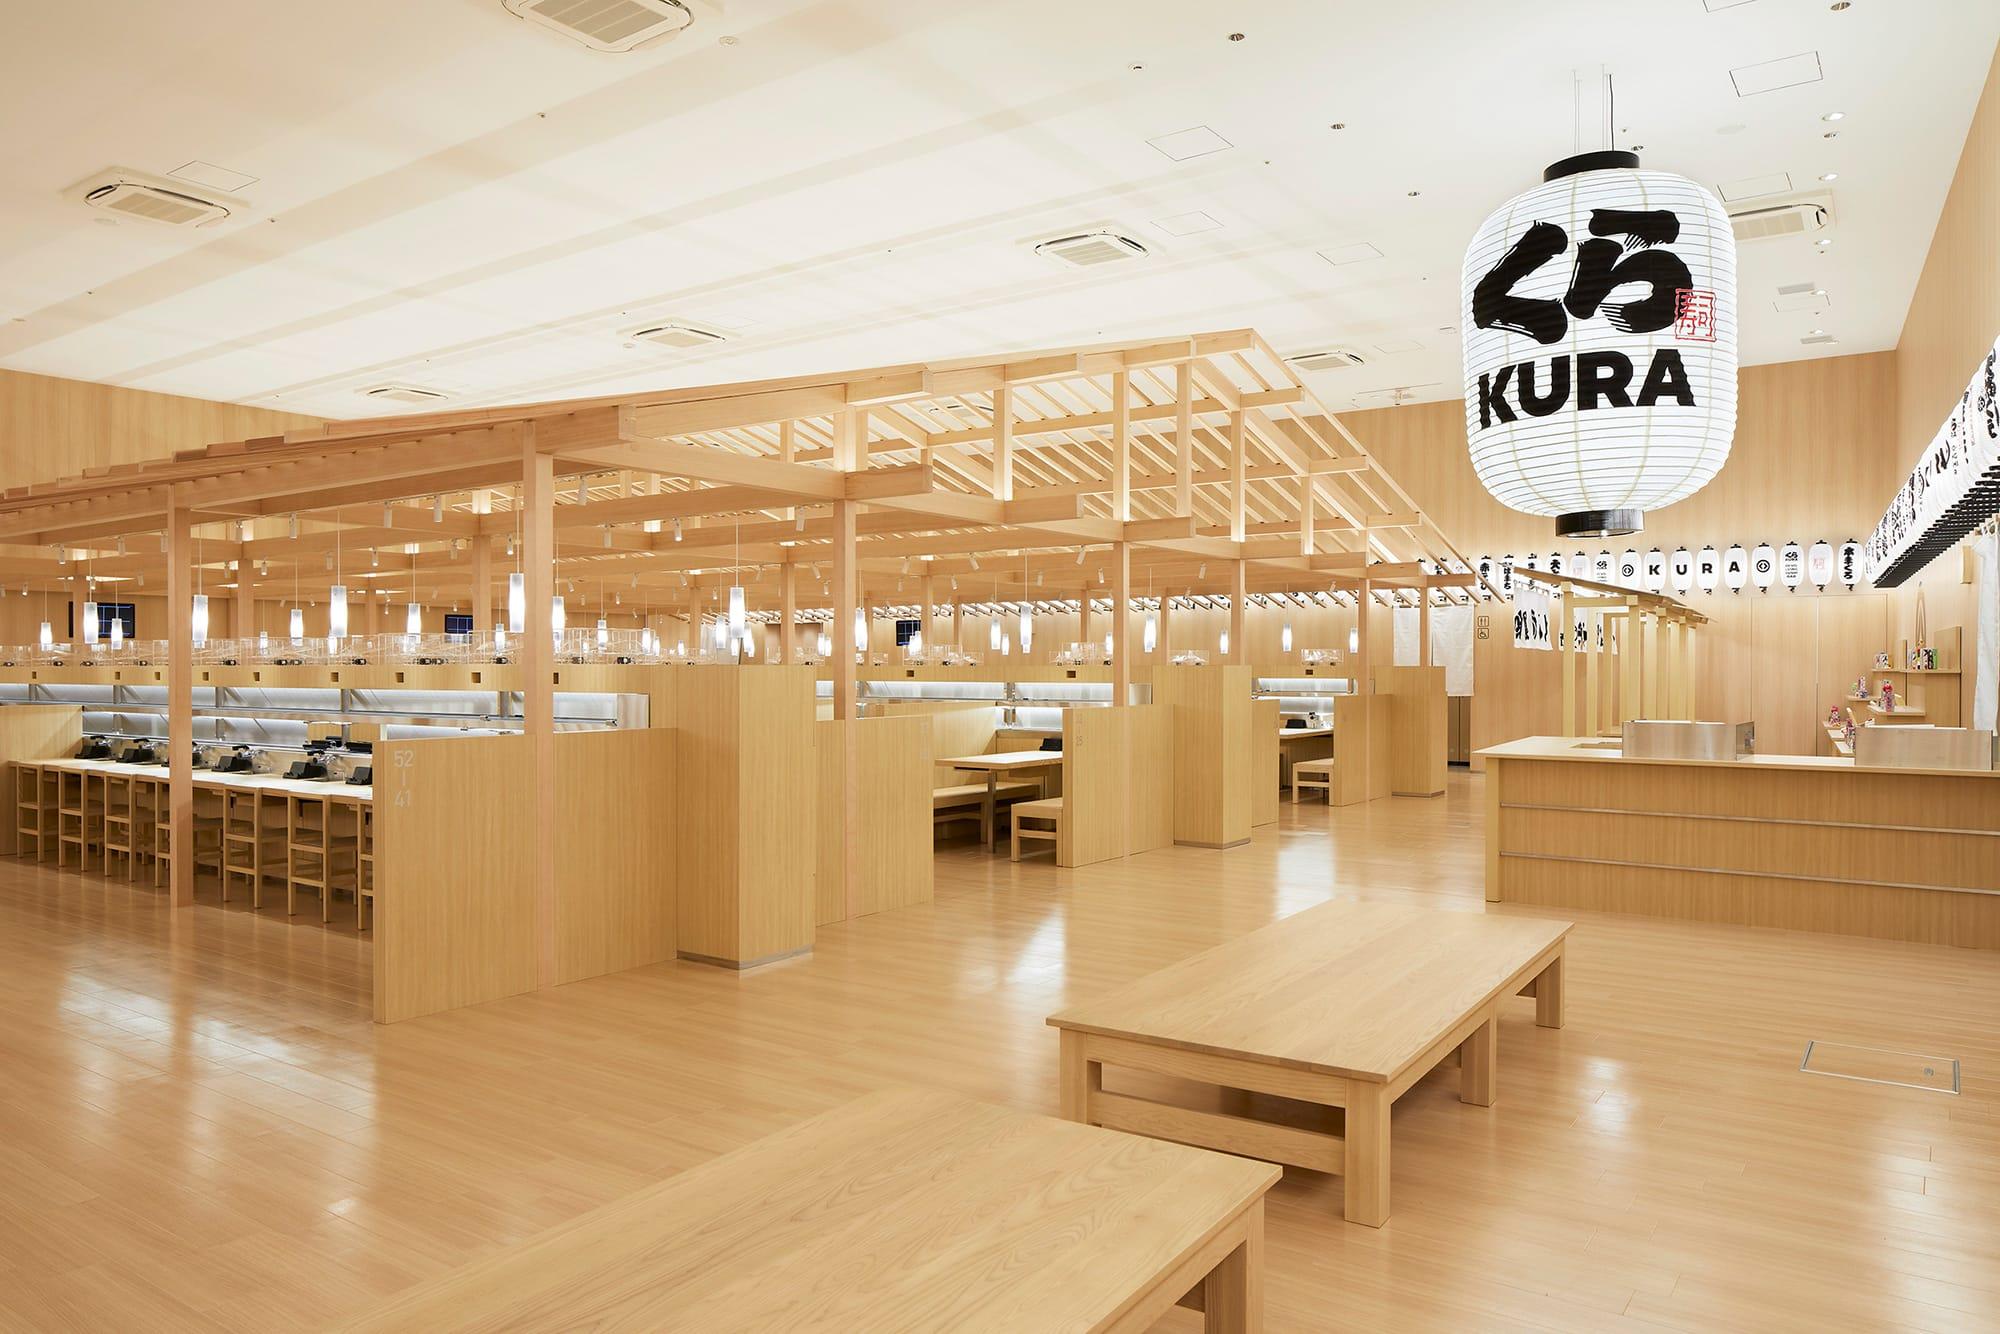 米国、台湾に続き、2020年に中国へ進出するくら寿司。浅草ROX店は佐藤可士和がデザインを担当した、グローバル旗艦店。日本の伝統文化を内装に取り入れ、射的や輪投げなども楽しめるスペースを設けてある。海外店でも同様な内装となる。